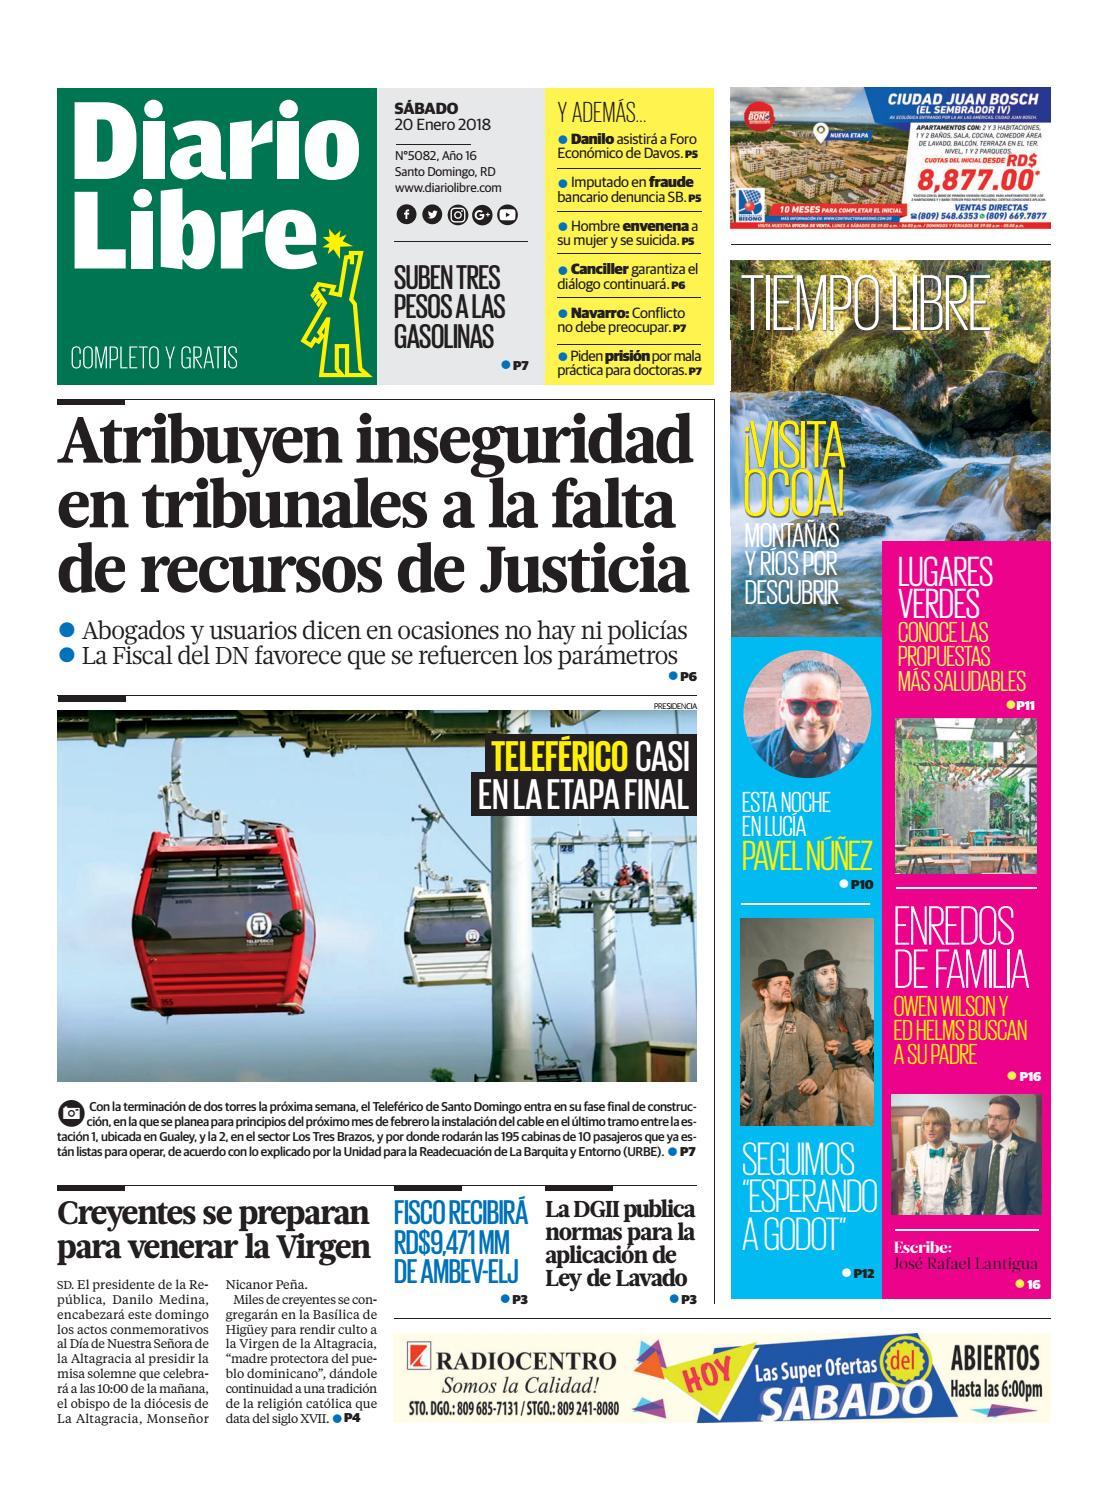 Diariolibre5082 by Grupo Diario Libre, S. A. - issuu